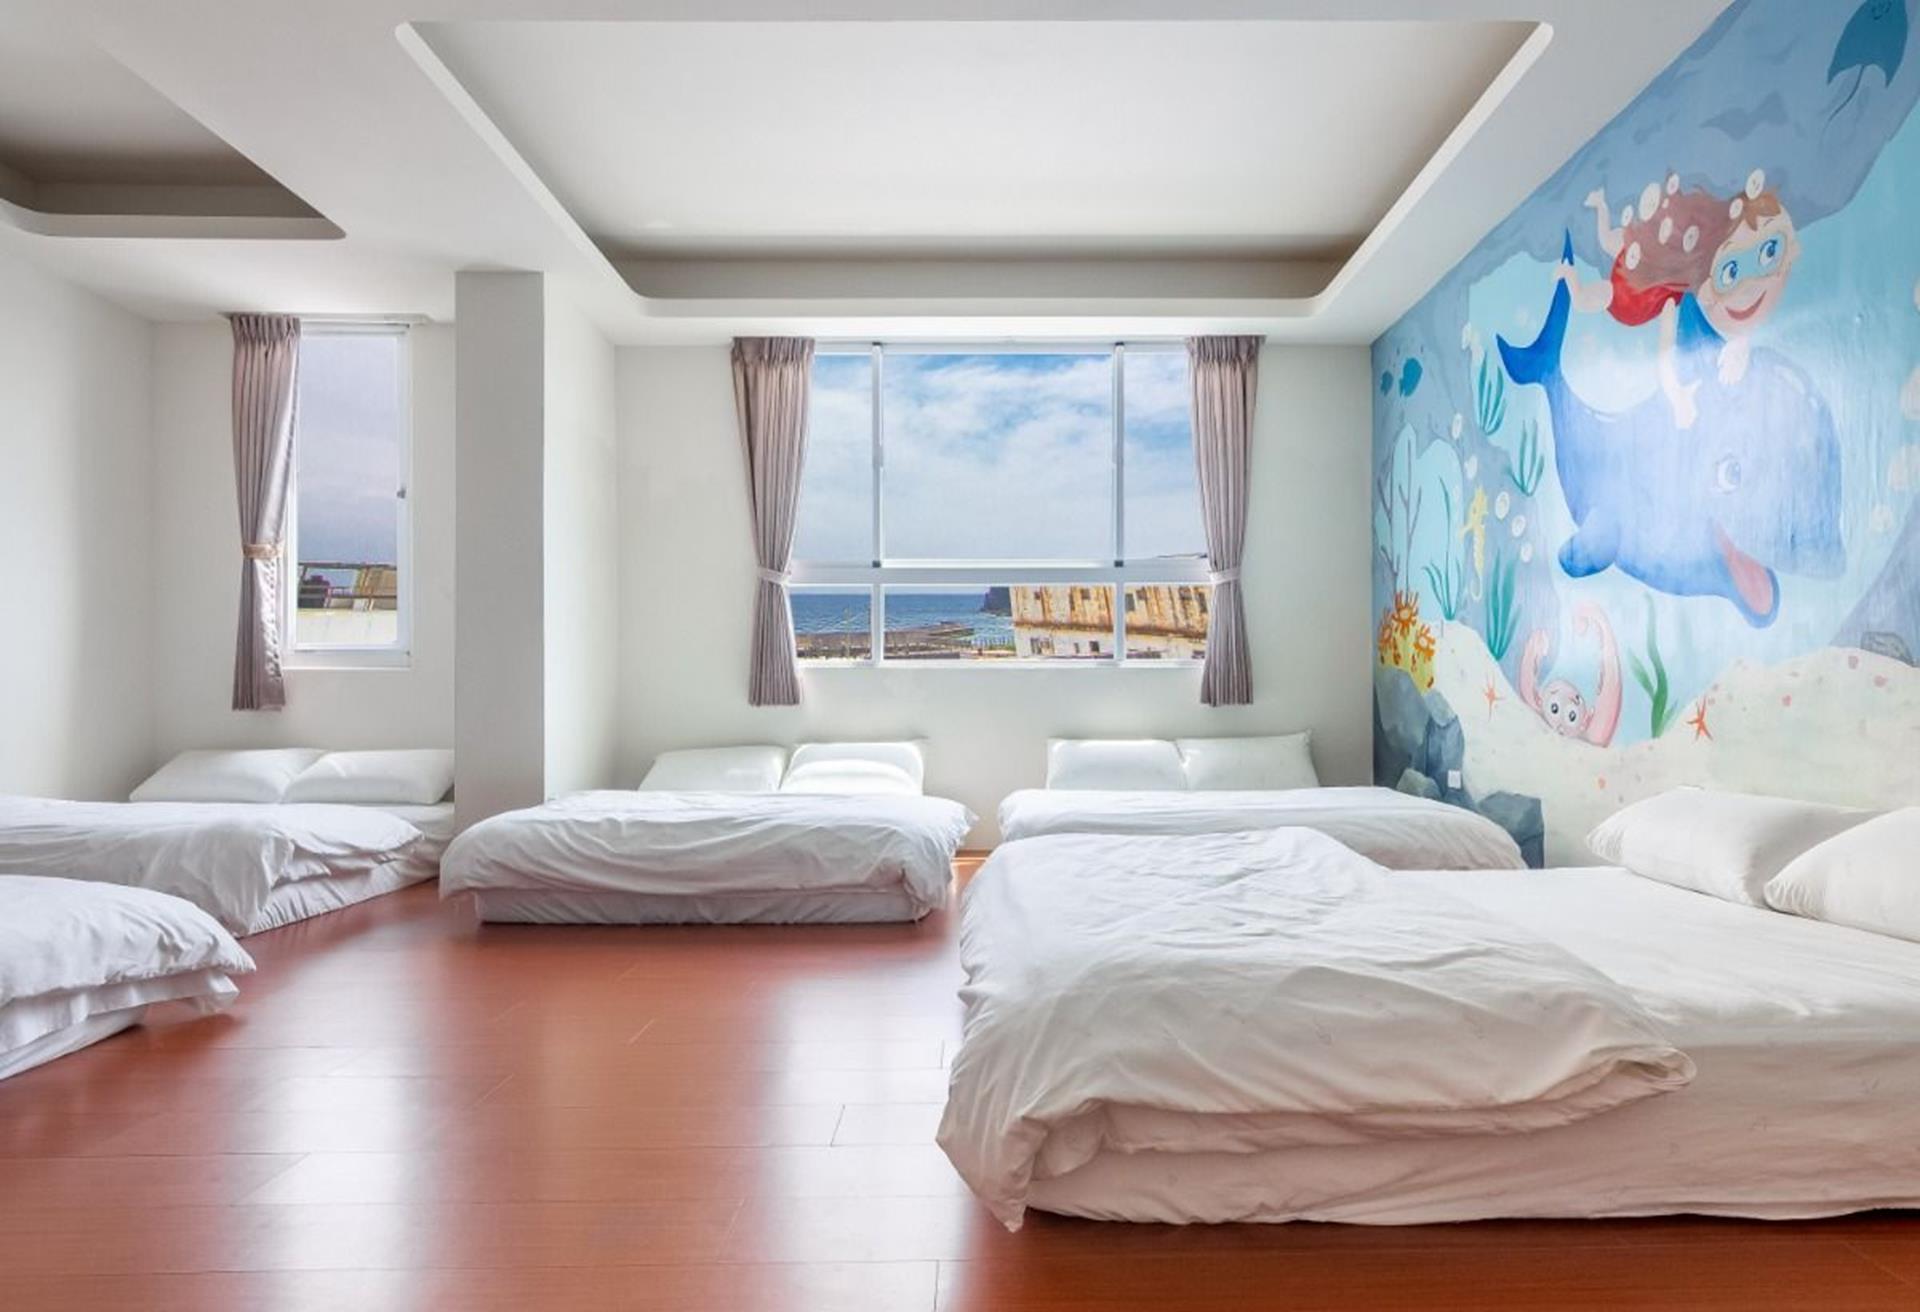 綠島海景民宿推薦 - 美人魚民宿能欣賞到大海的海景特大家庭房